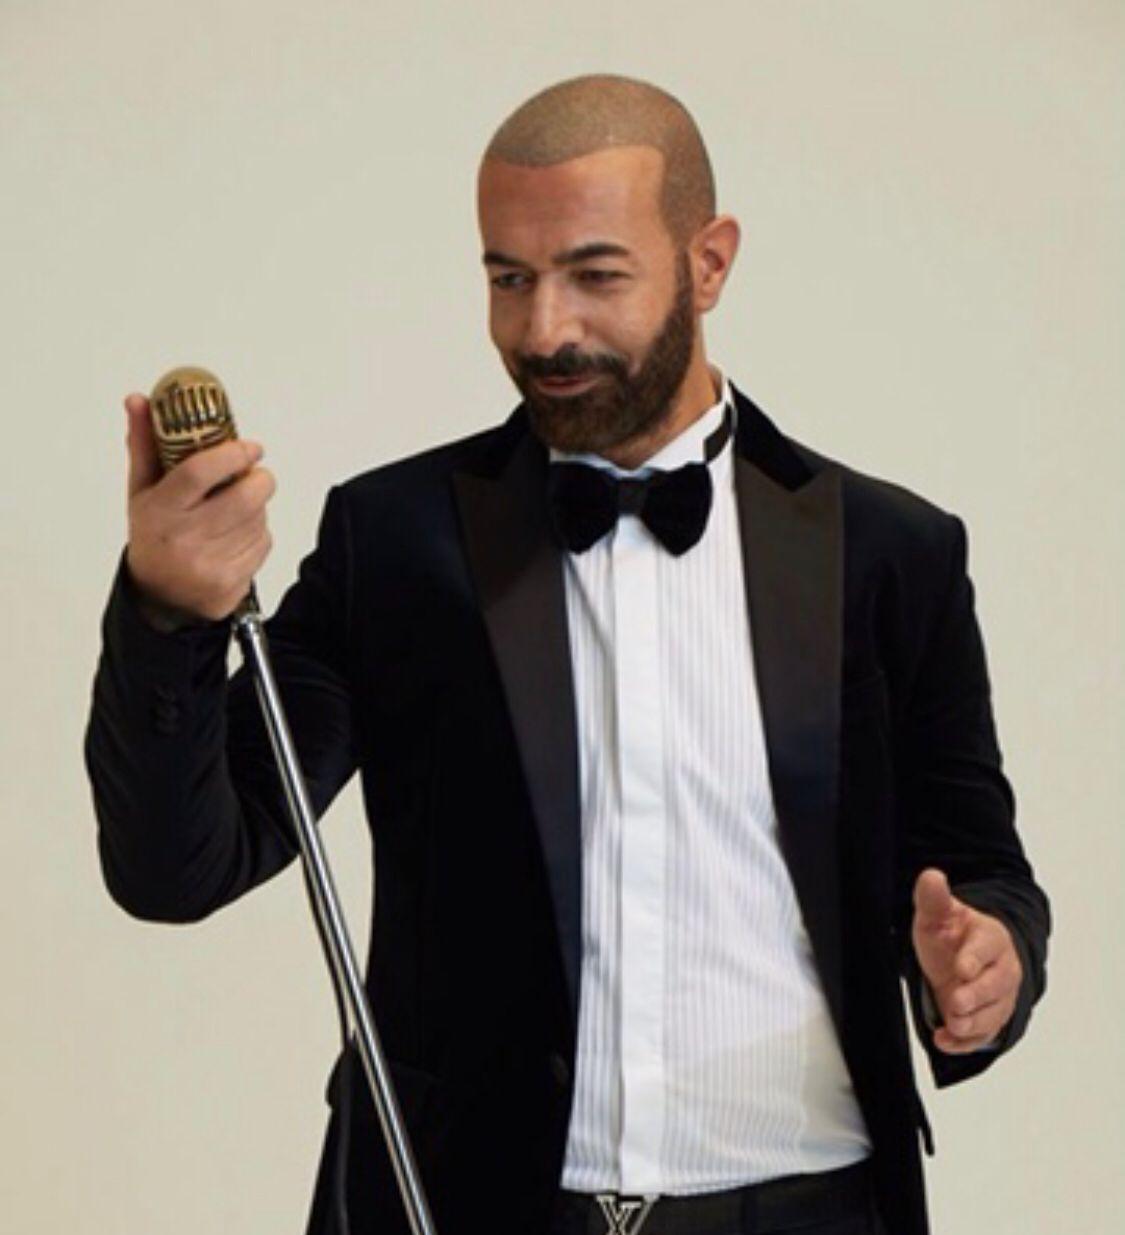 Ünlü Sanatçı Cengiz İmren Grand Müzik'le Anlaştı